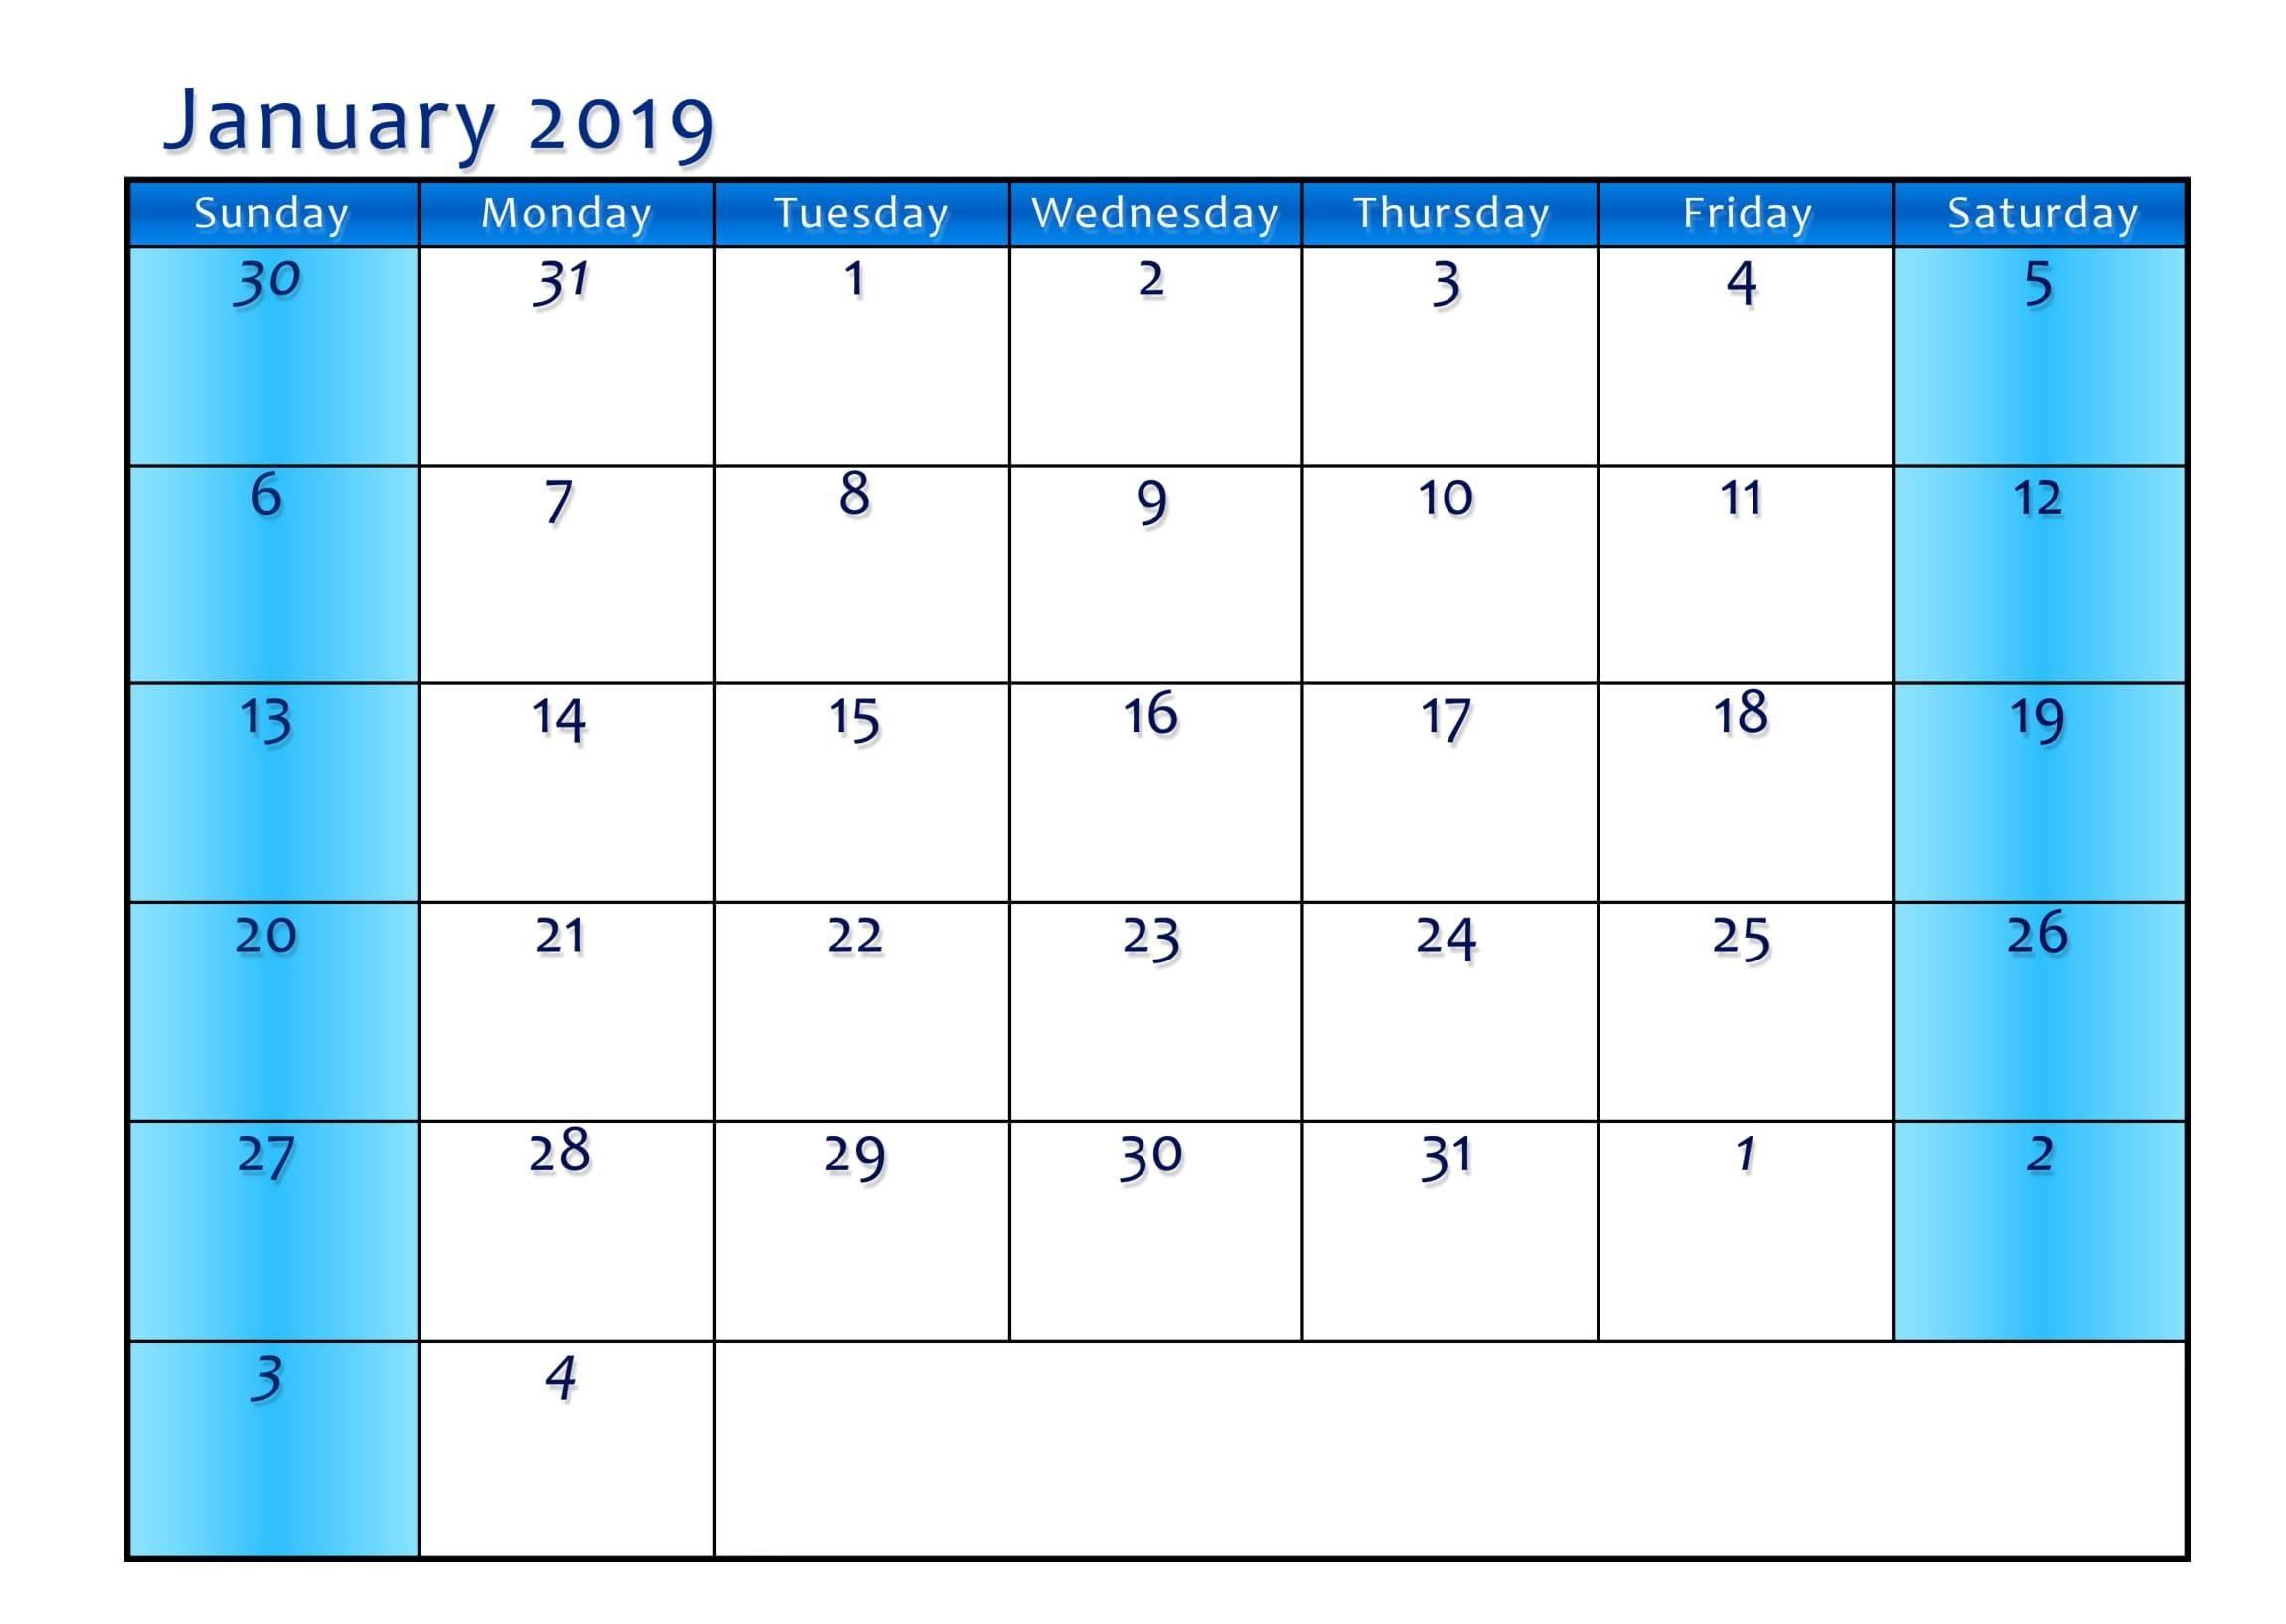 blank calendar template vertical  Print Calendar January 2019 Fillable Template - blank calendar template vertical